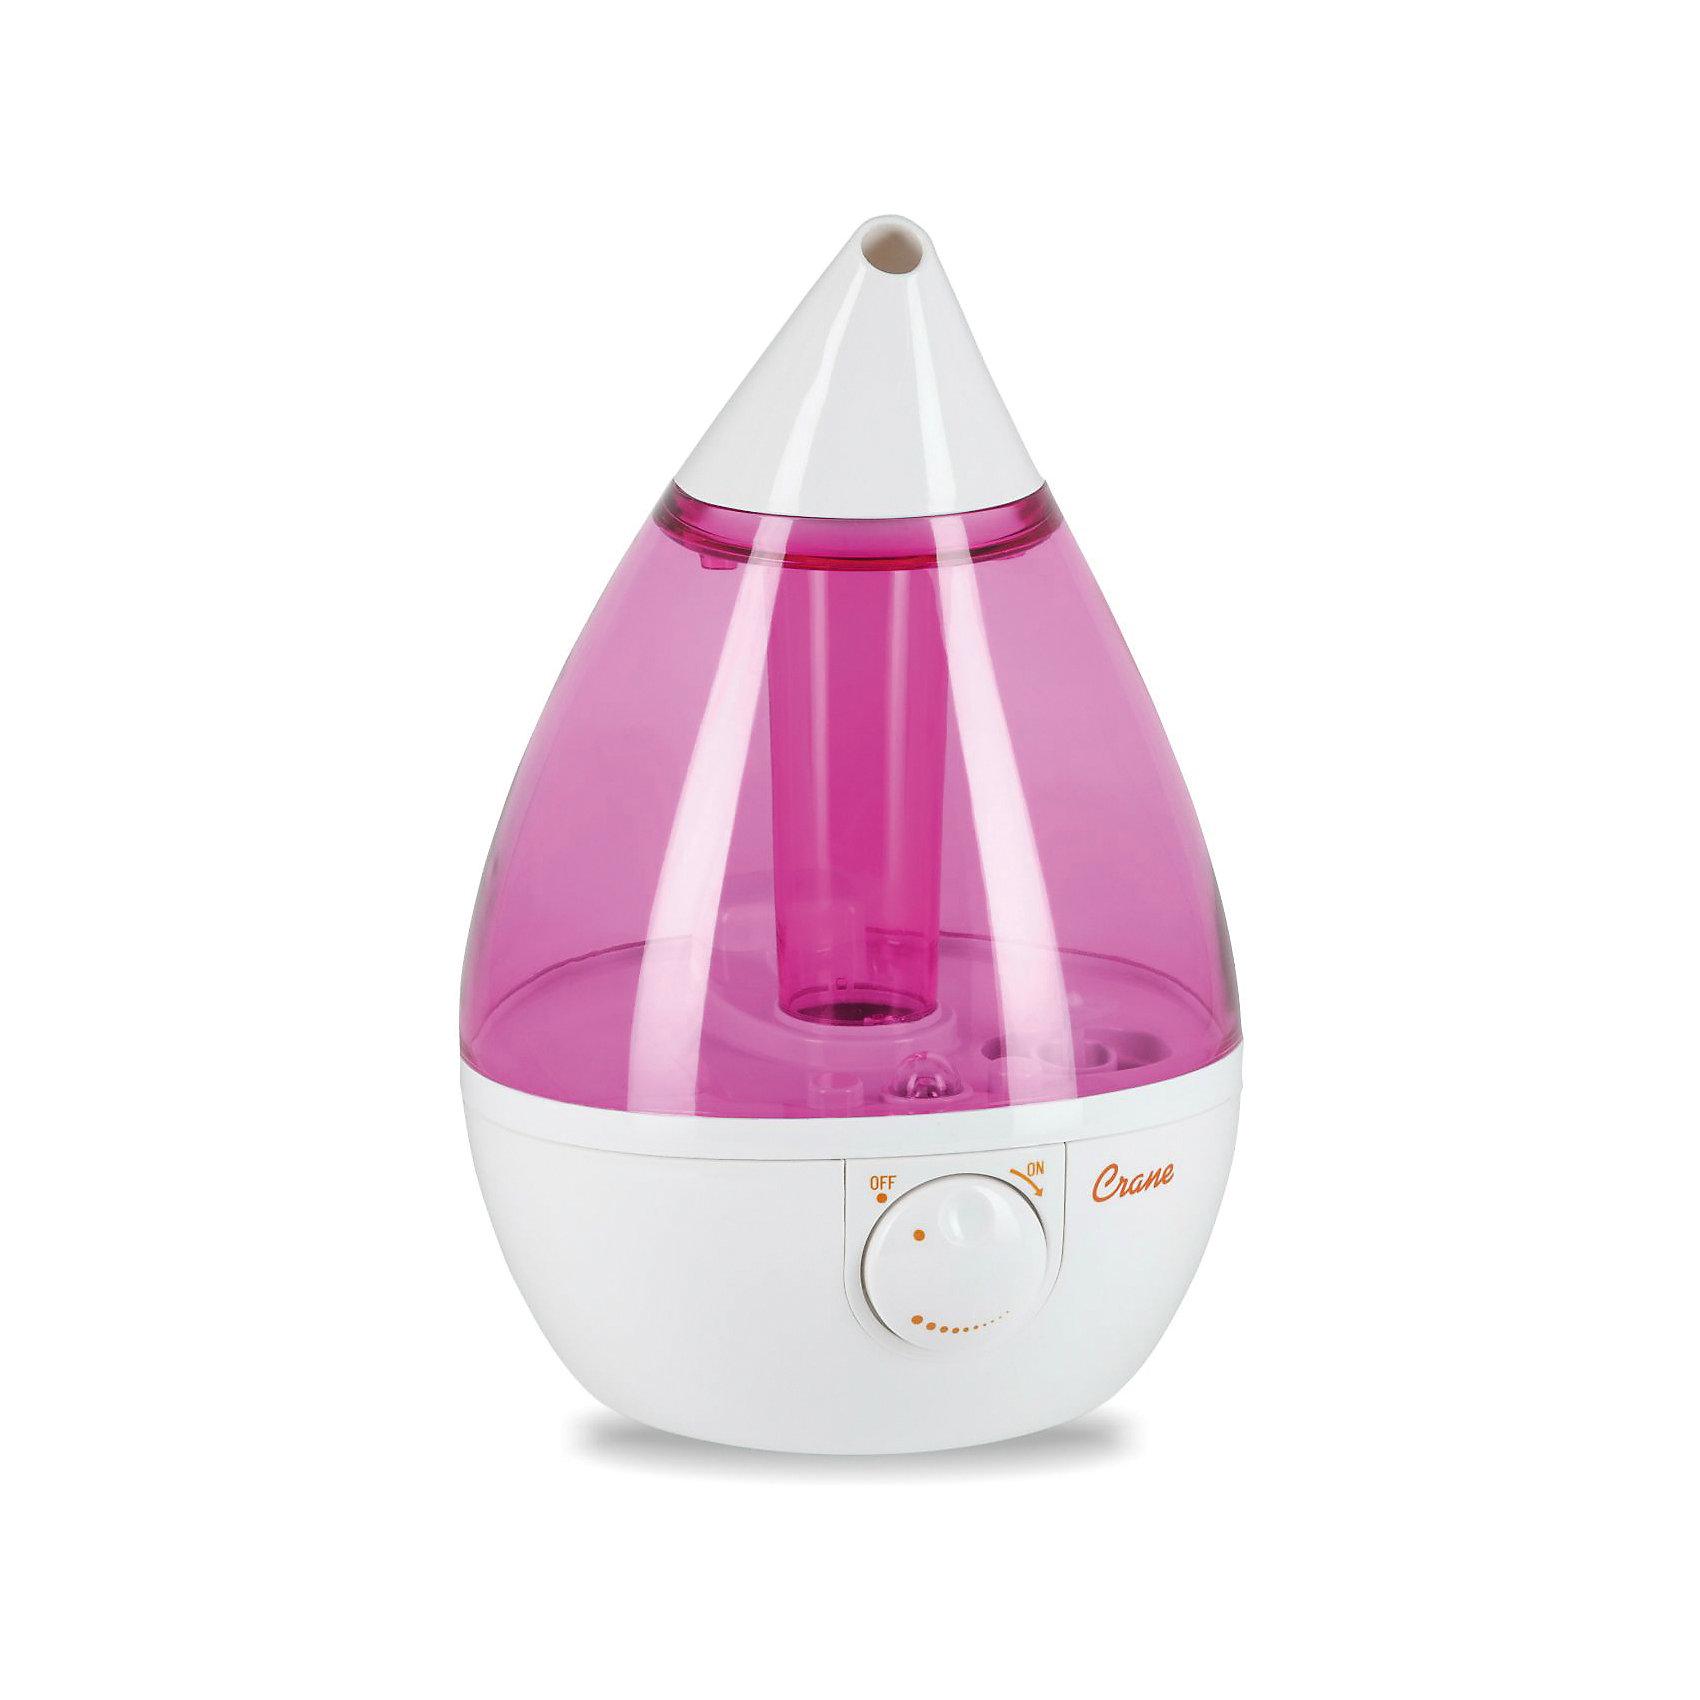 Увлажнитель воздуха ультразвуковой КАПЛЯ Crane, бело-розовыйДополнительная информация:<br><br><br>Площадь обслуживания до: 23 кв. м<br>Производительность по увлажнению до: 8,7 л/сутки<br>Регулировка интенсивности испарения: есть<br>Объем бака для воды: 3,3 л<br>Автоматическое отключение: есть<br>Уровень шума: до 37 дБ<br>Потребление электроэнергии:  19 Вт<br>Напряжение в сети: 100-240В ~ 50/60Гц<br>Материал: Пластик<br><br><br><br>Увлажнитель воздуха ультразвуковой КАПЛЯ Crane, бело-розовый можно купить в нашем магазине.<br><br>Ширина мм: 250<br>Глубина мм: 250<br>Высота мм: 345<br>Вес г: 2040<br>Цвет: белый/розовый<br>Возраст от месяцев: 0<br>Возраст до месяцев: 36<br>Пол: Унисекс<br>Возраст: Детский<br>SKU: 4659608